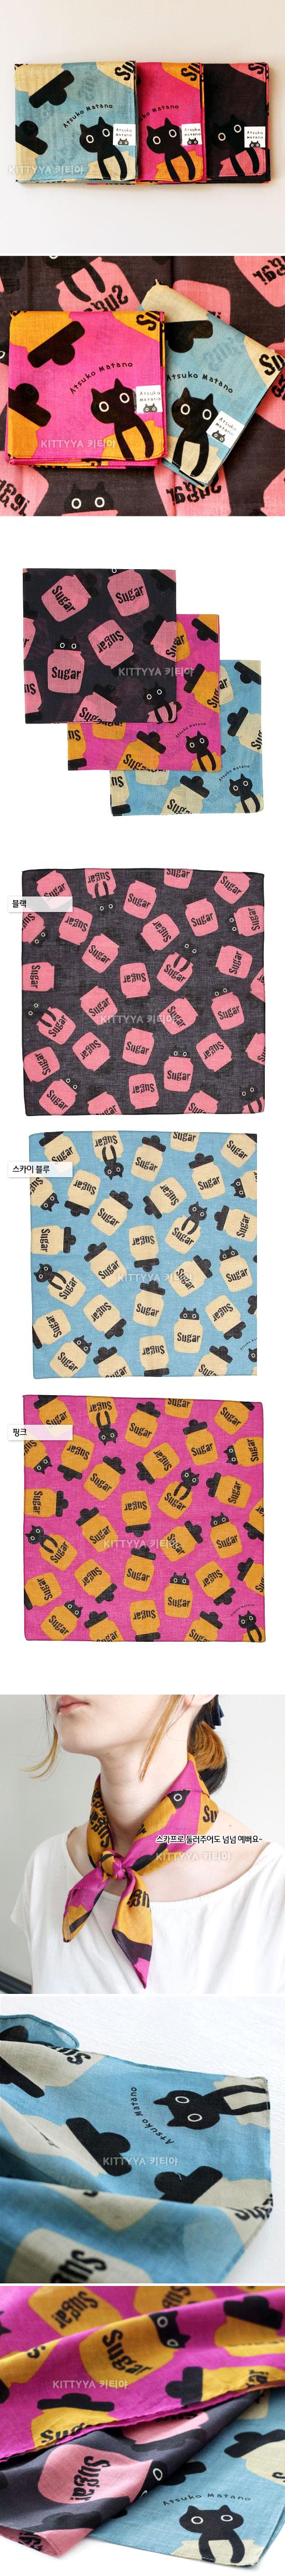 라무리즈 손수건 (슈가)(3color) - 키티야, 12,500원, 스카프, 쁘띠 스카프